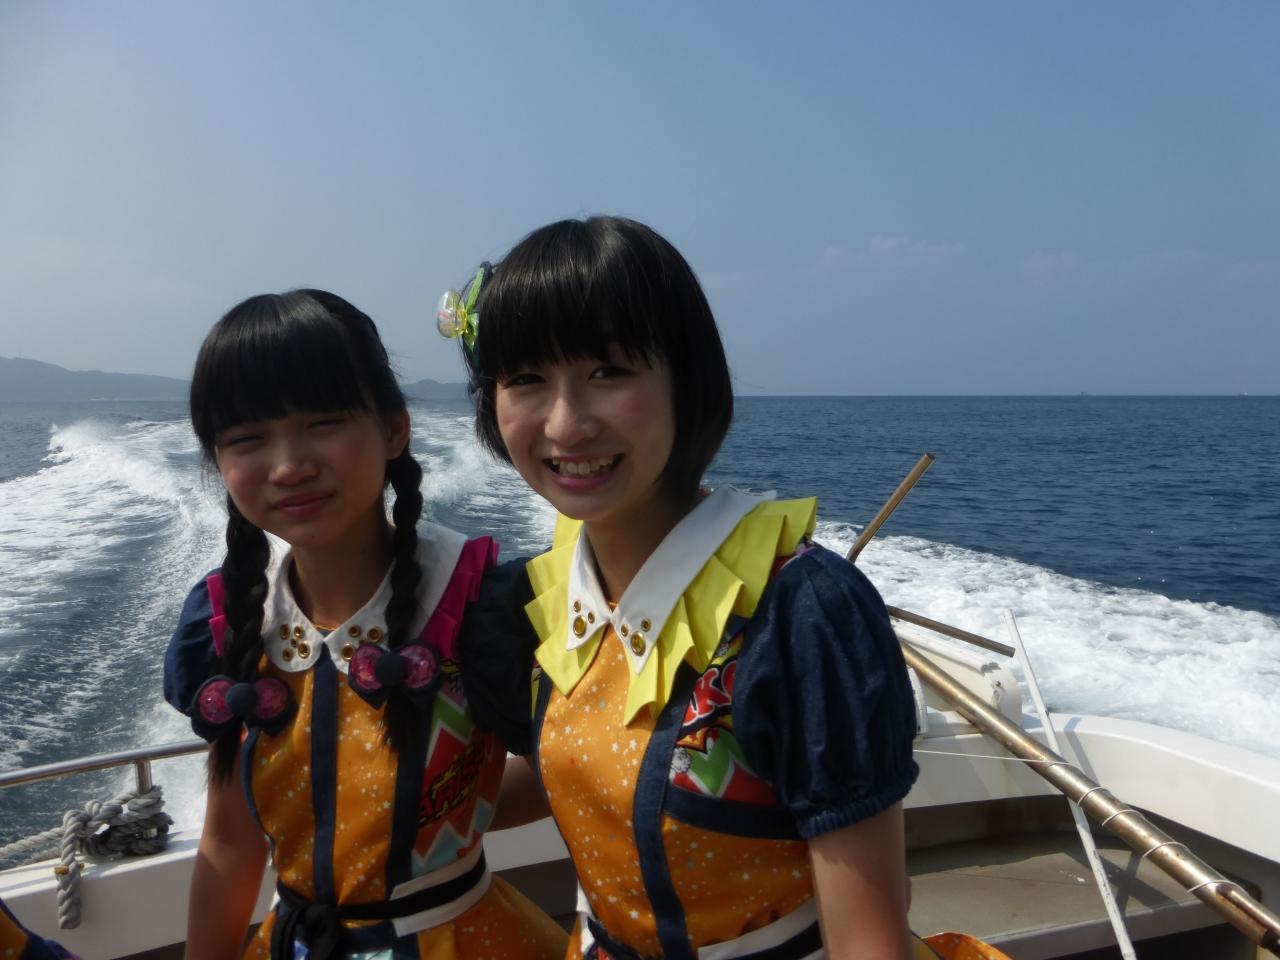 大島での撮影を終えて本土へ戻ります。海上タクシーは快適!(有彩/きいな)